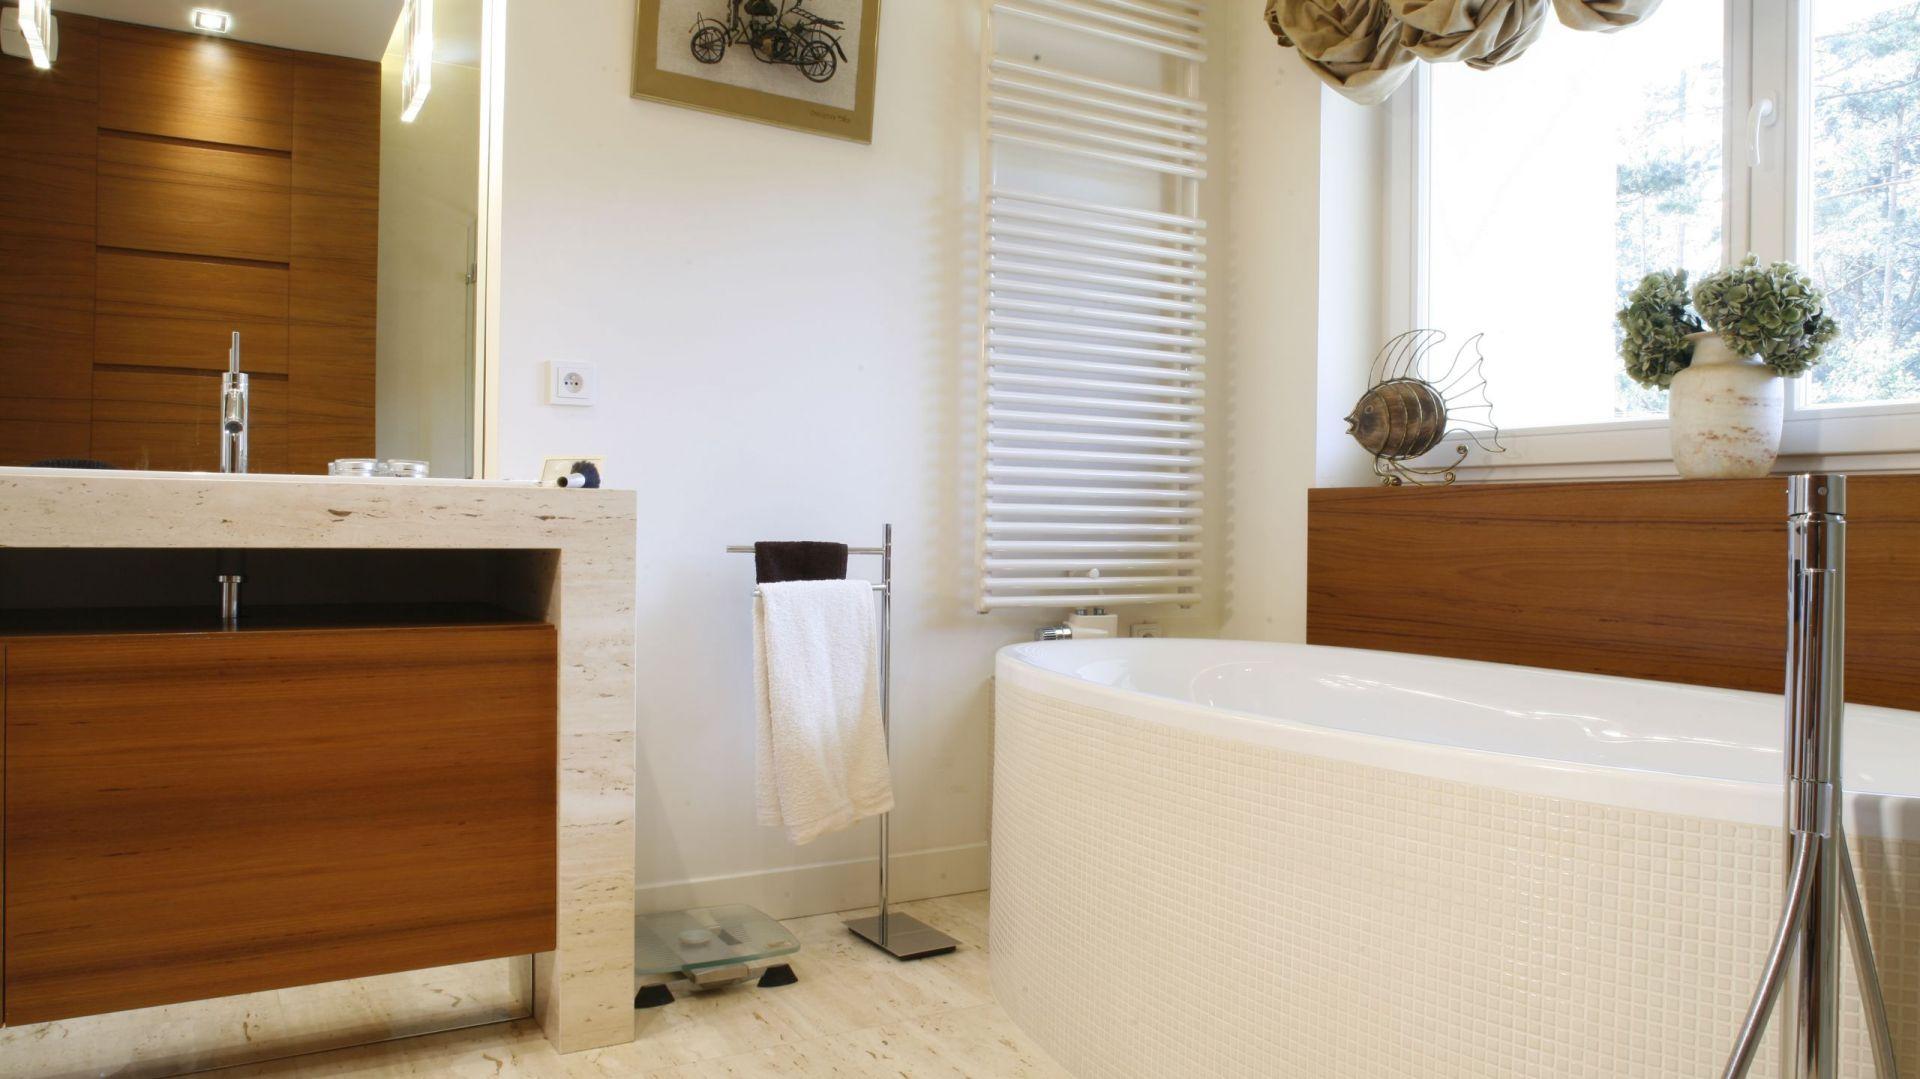 Łazienka dla dwojga została wyposażona w wygodną wannę z baterią podłogową Axor Starck firmy Hansgrohe. Fot. Monika Filipiuk-Obałek